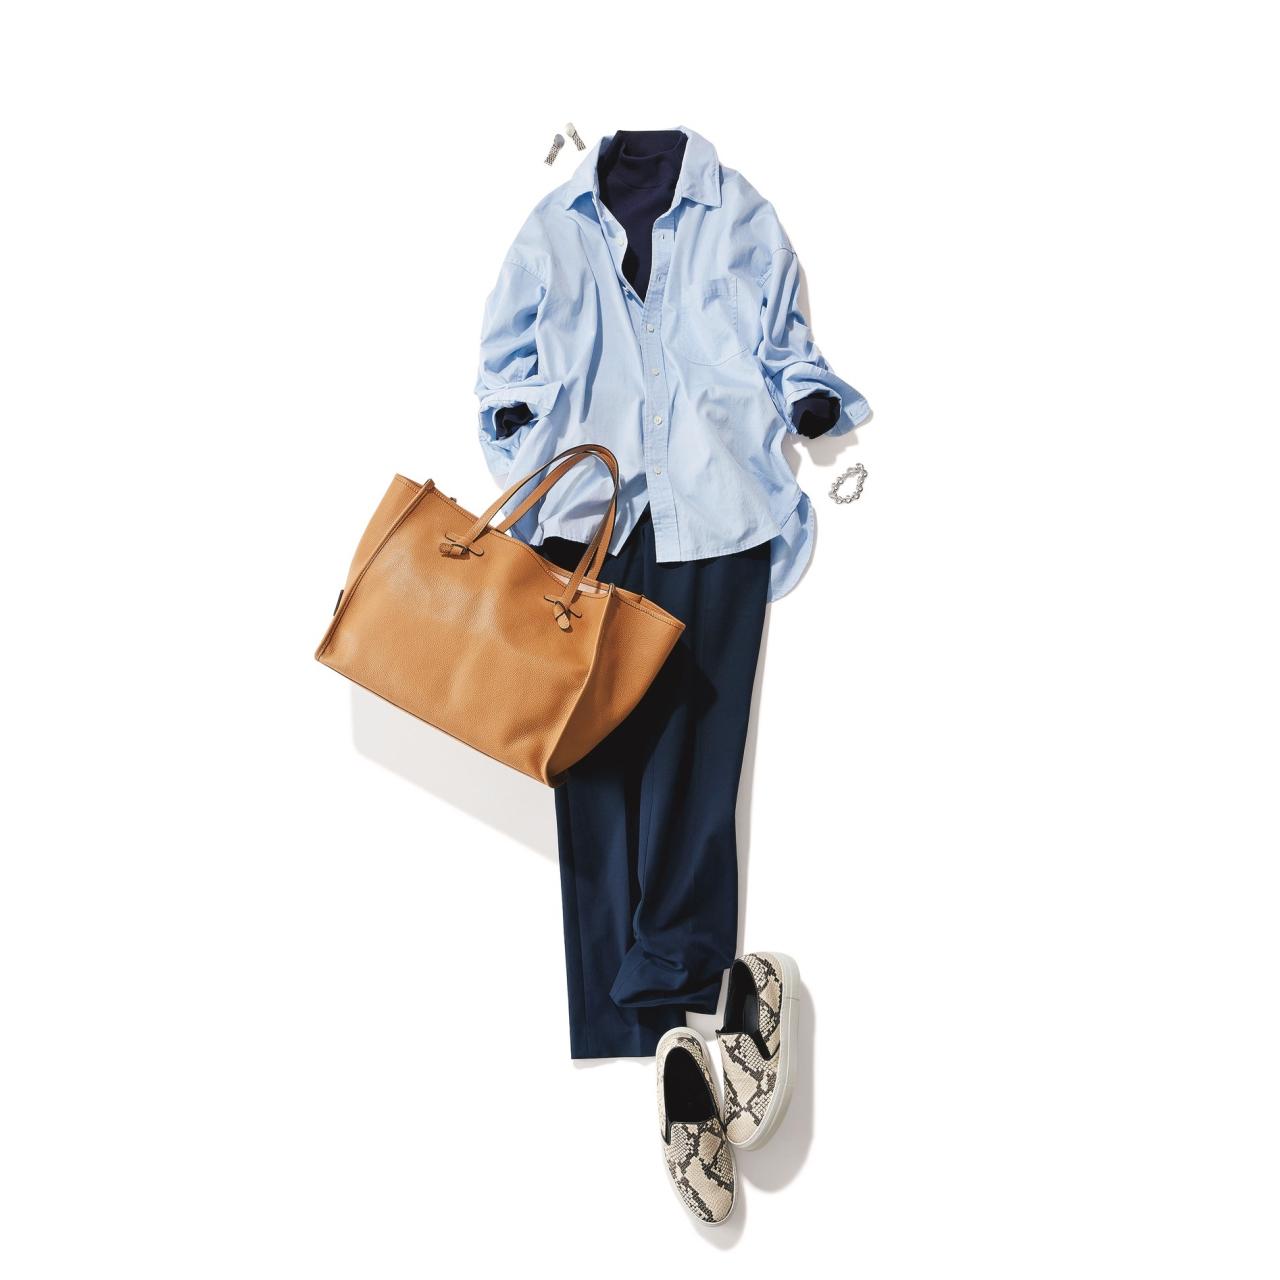 ネイビーパンツ×淡色ブルーシャツのファッションコーデ